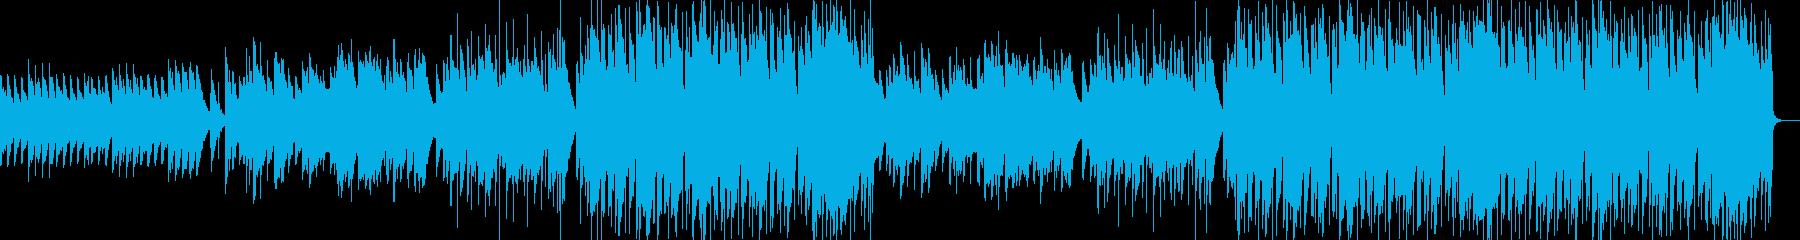 感動系しっとりした冬のラブバラードBGMの再生済みの波形